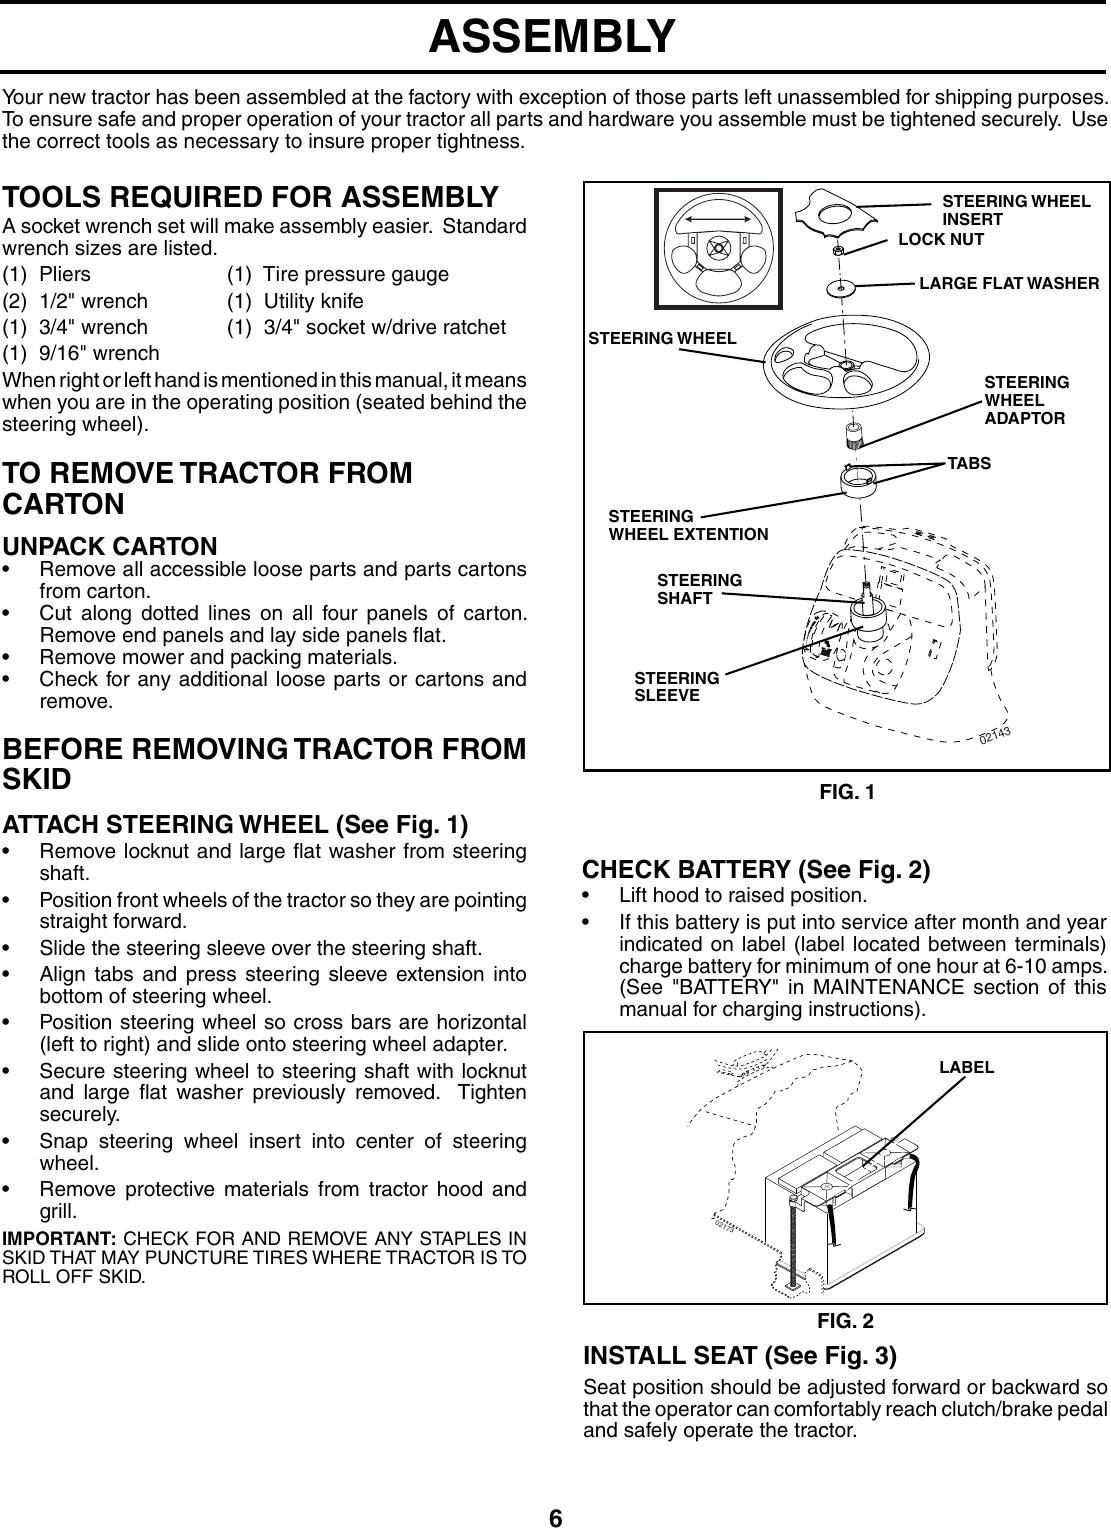 Husqvarna Gth2254Xp Users Manual OM, GTH 2254 XP A